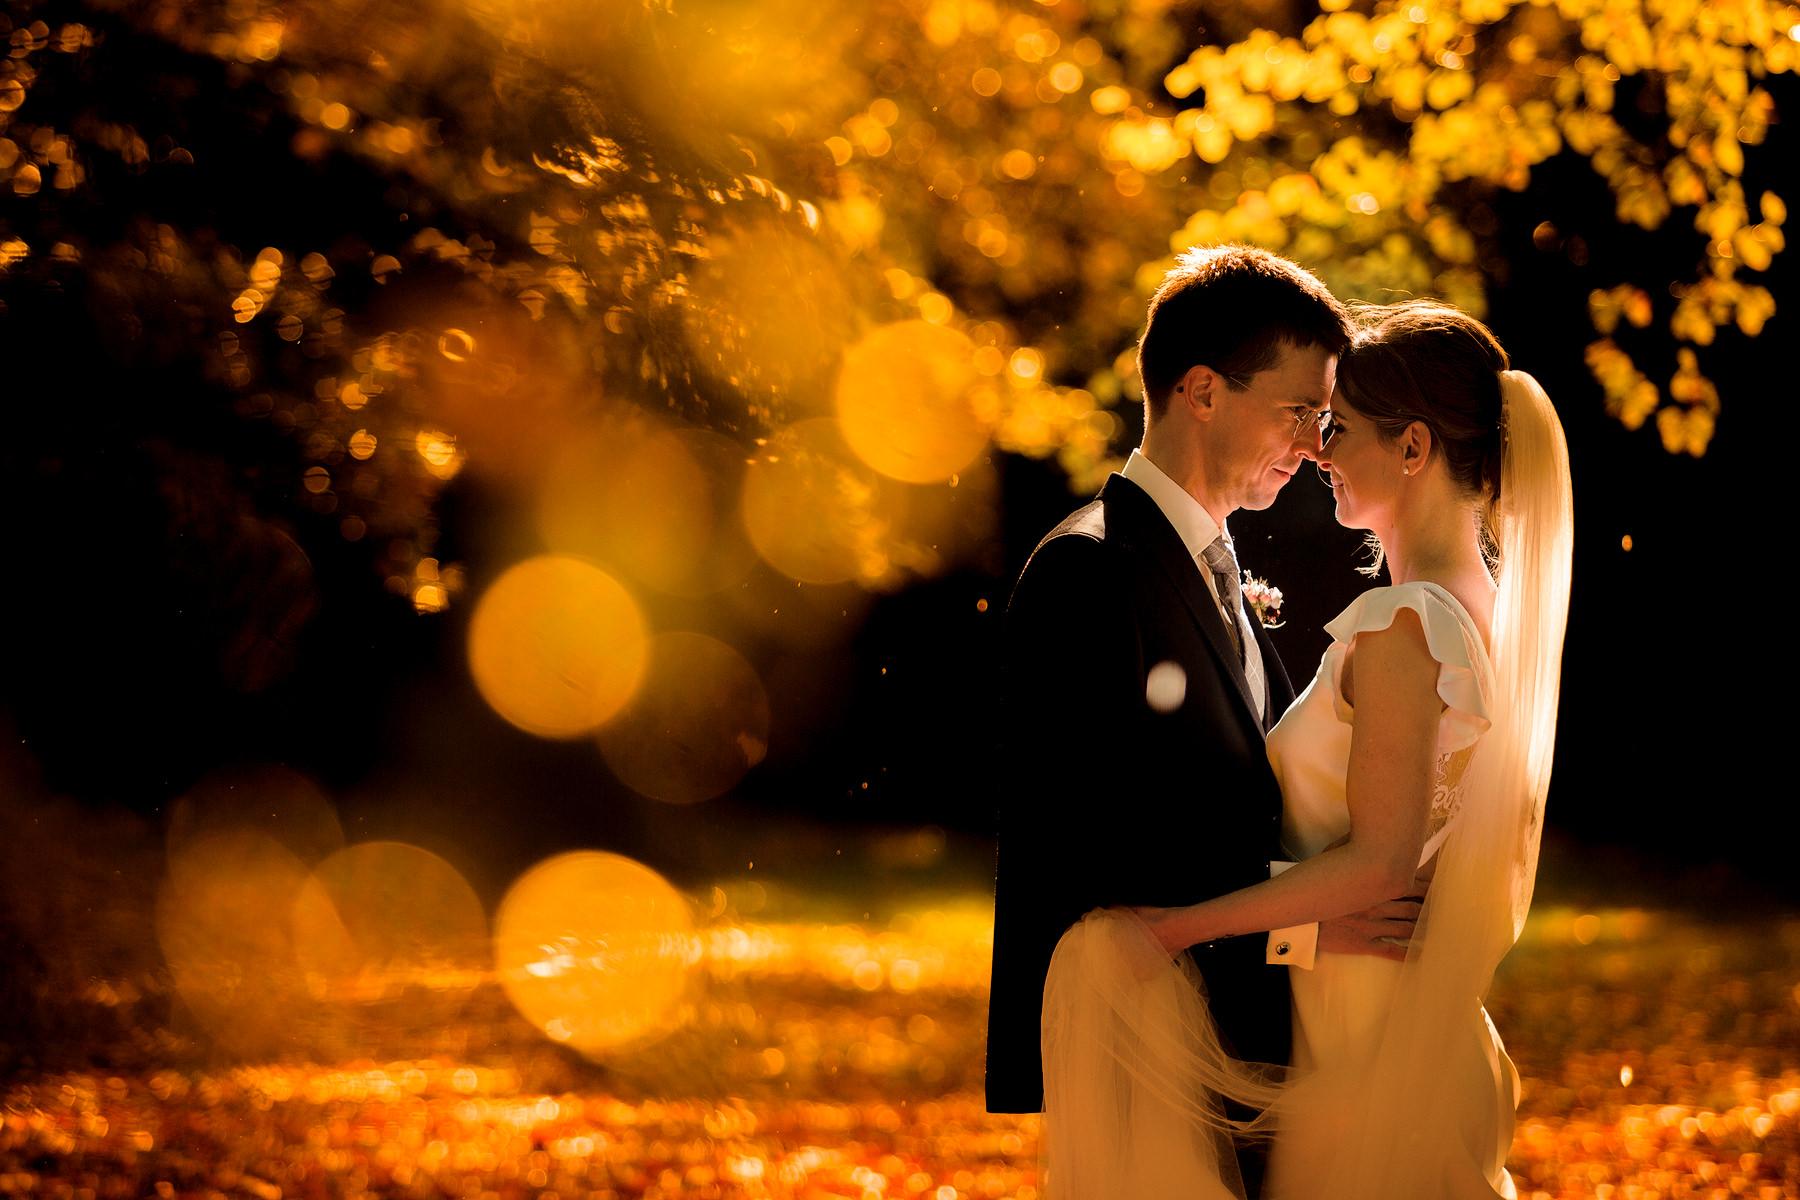 Trouwen in de herfst | Trouwfoto's herfst | Trouwfotoshoot